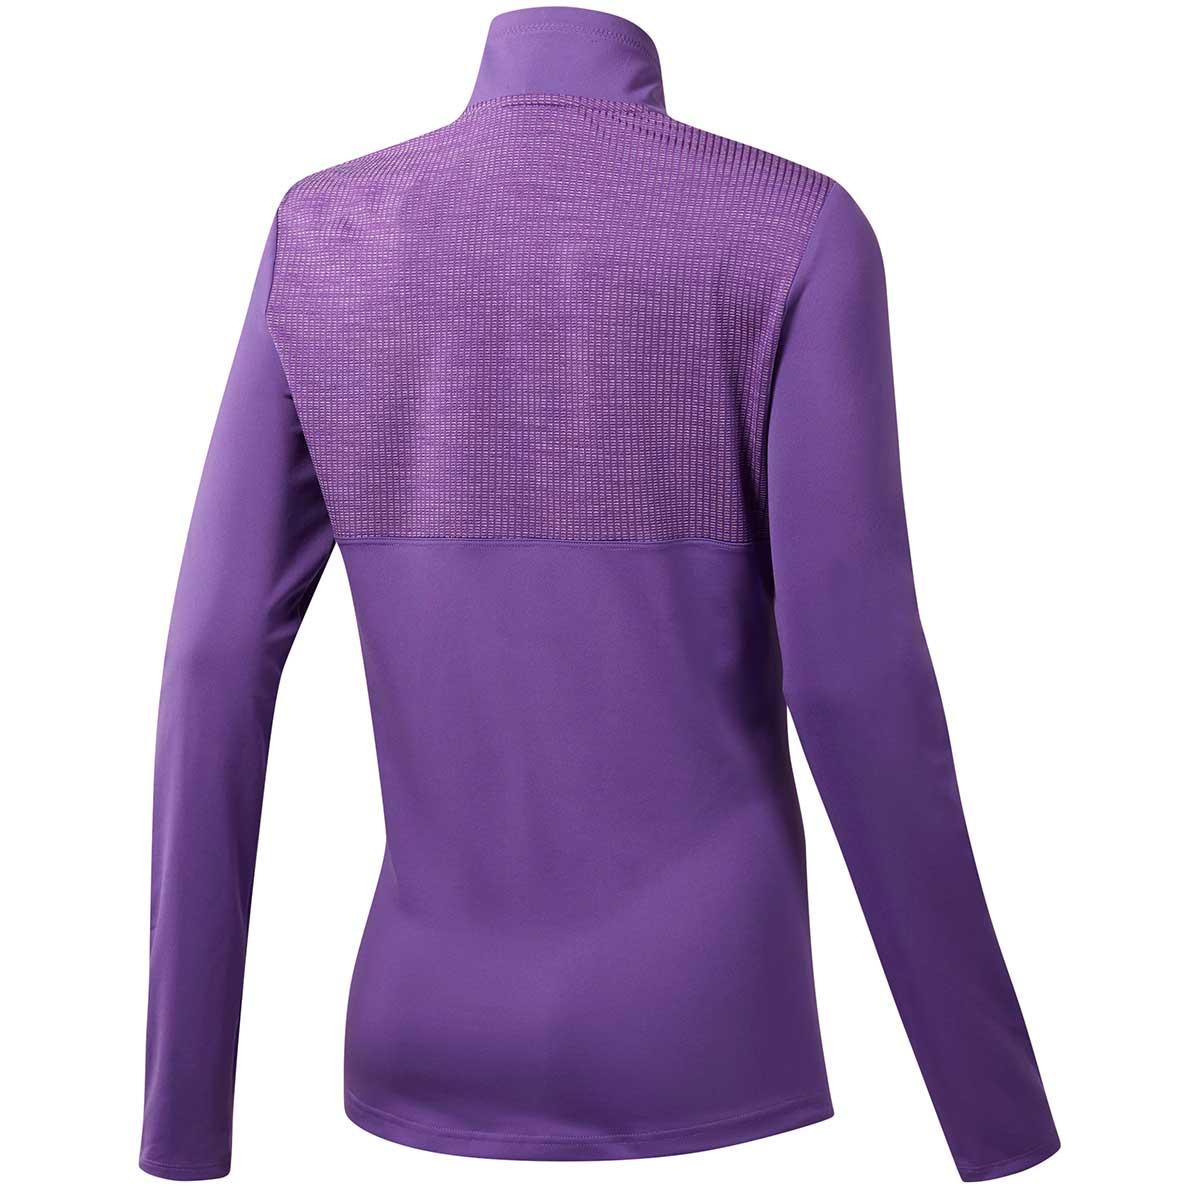 Adidas Women's Sport Layering 1/2 Zip Jacket - Active Purple